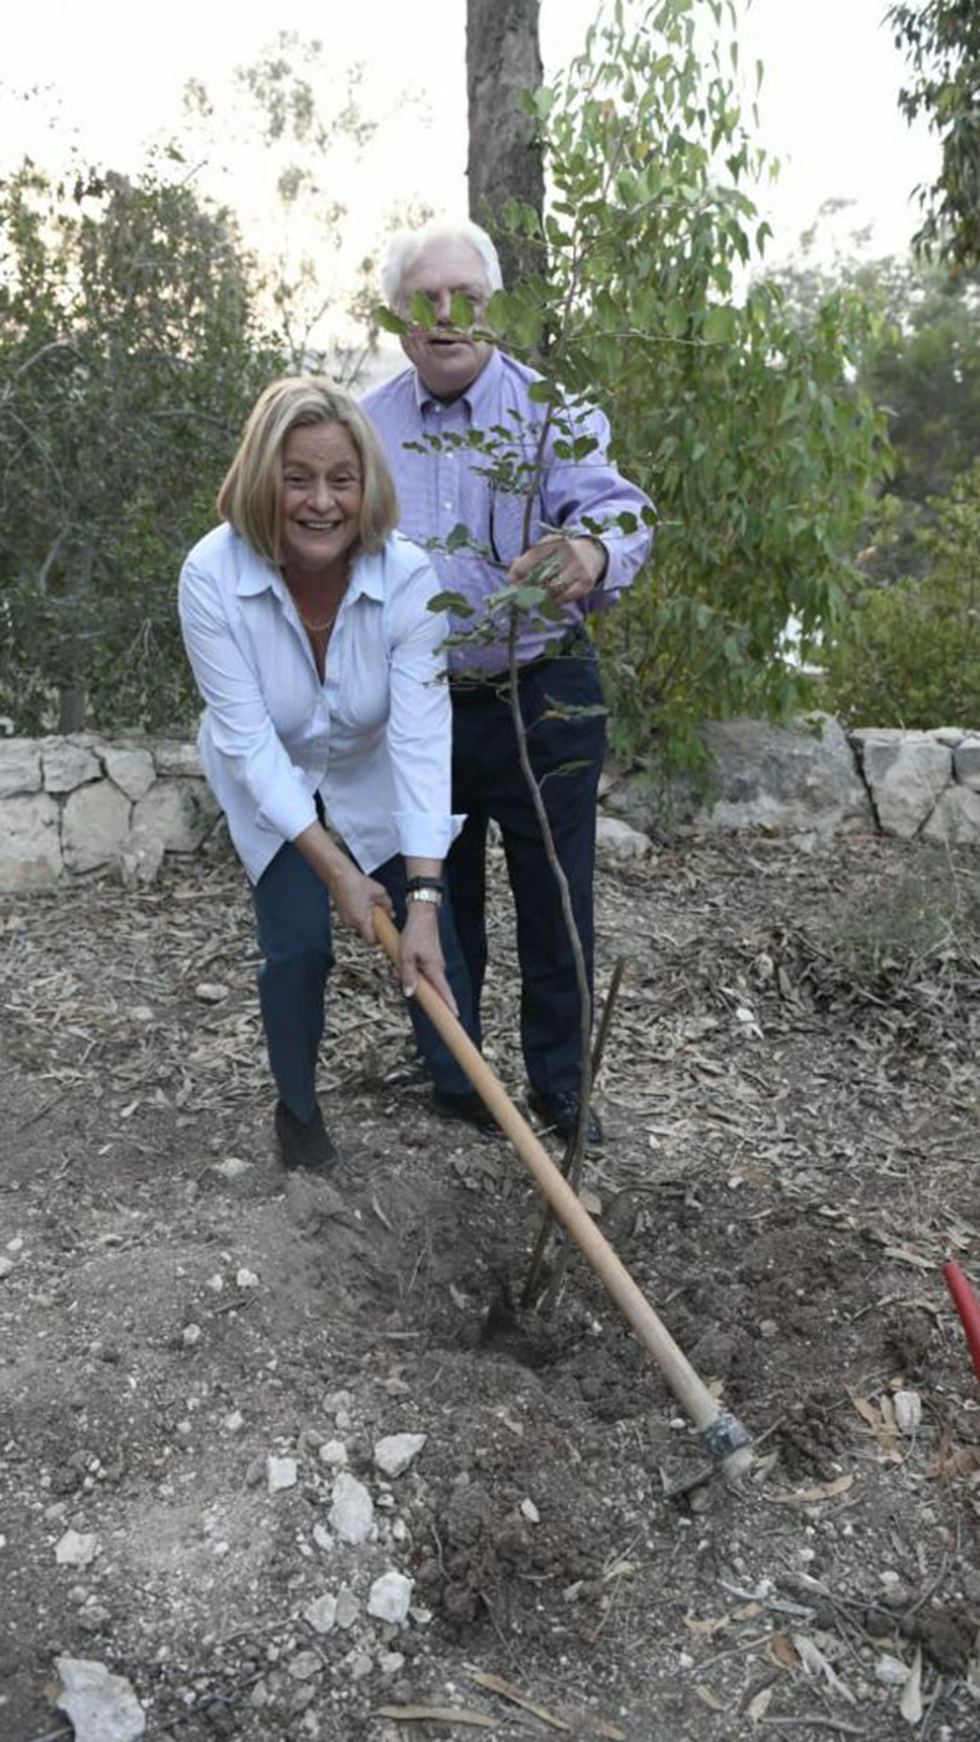 אליאנה רוס לאטינן באשתאול (צילום: אבי חיון, מערך ההסברה של קק